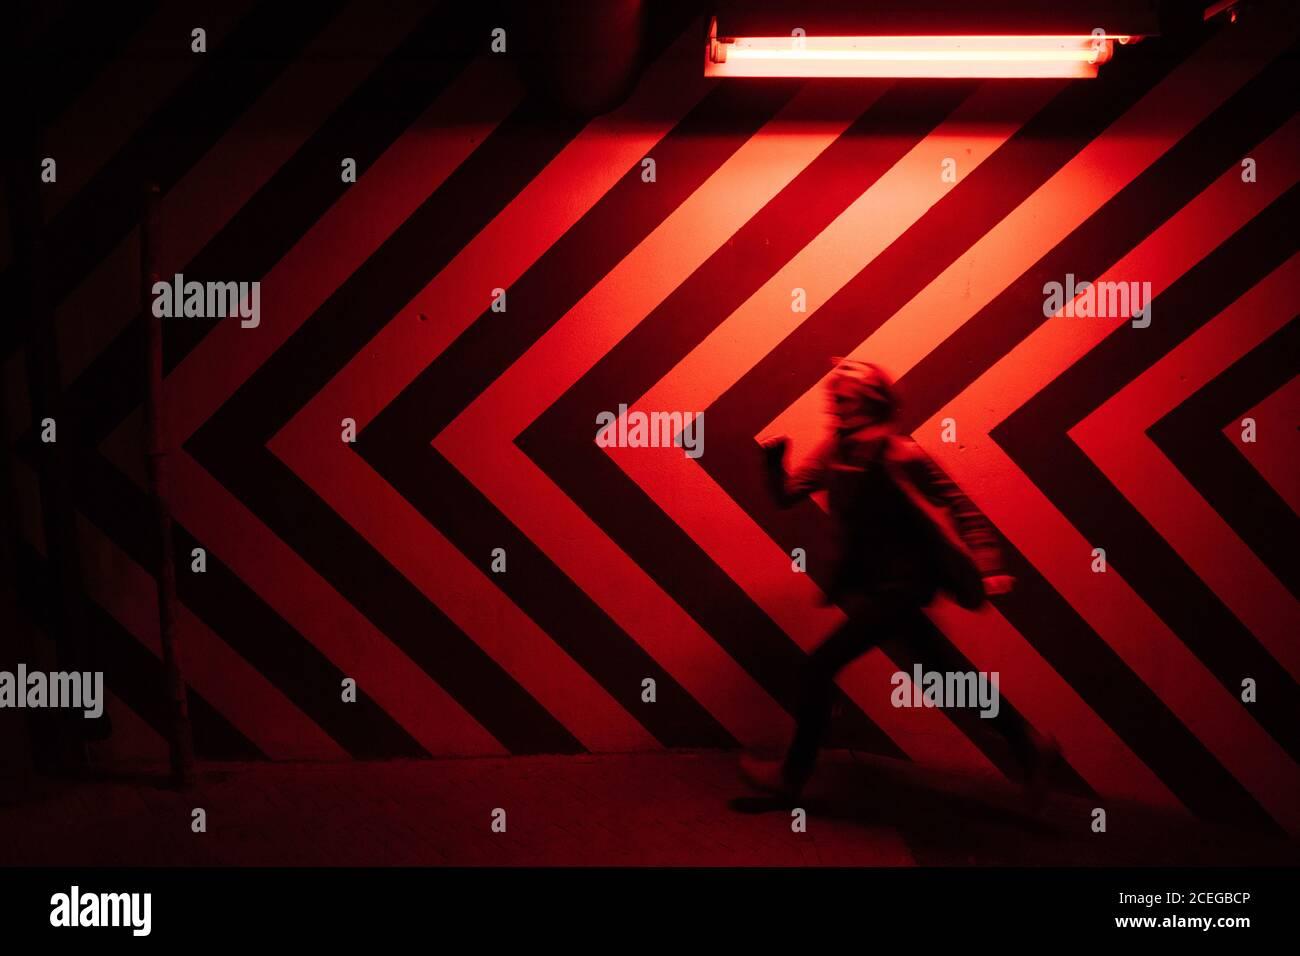 Vista lateral del movimiento figura borrosa de hombre caminando hacia abajo en túnel en dirección opuesta a grande rojo y negro flechas en la pared iluminadas por lámparas rojas Foto de stock